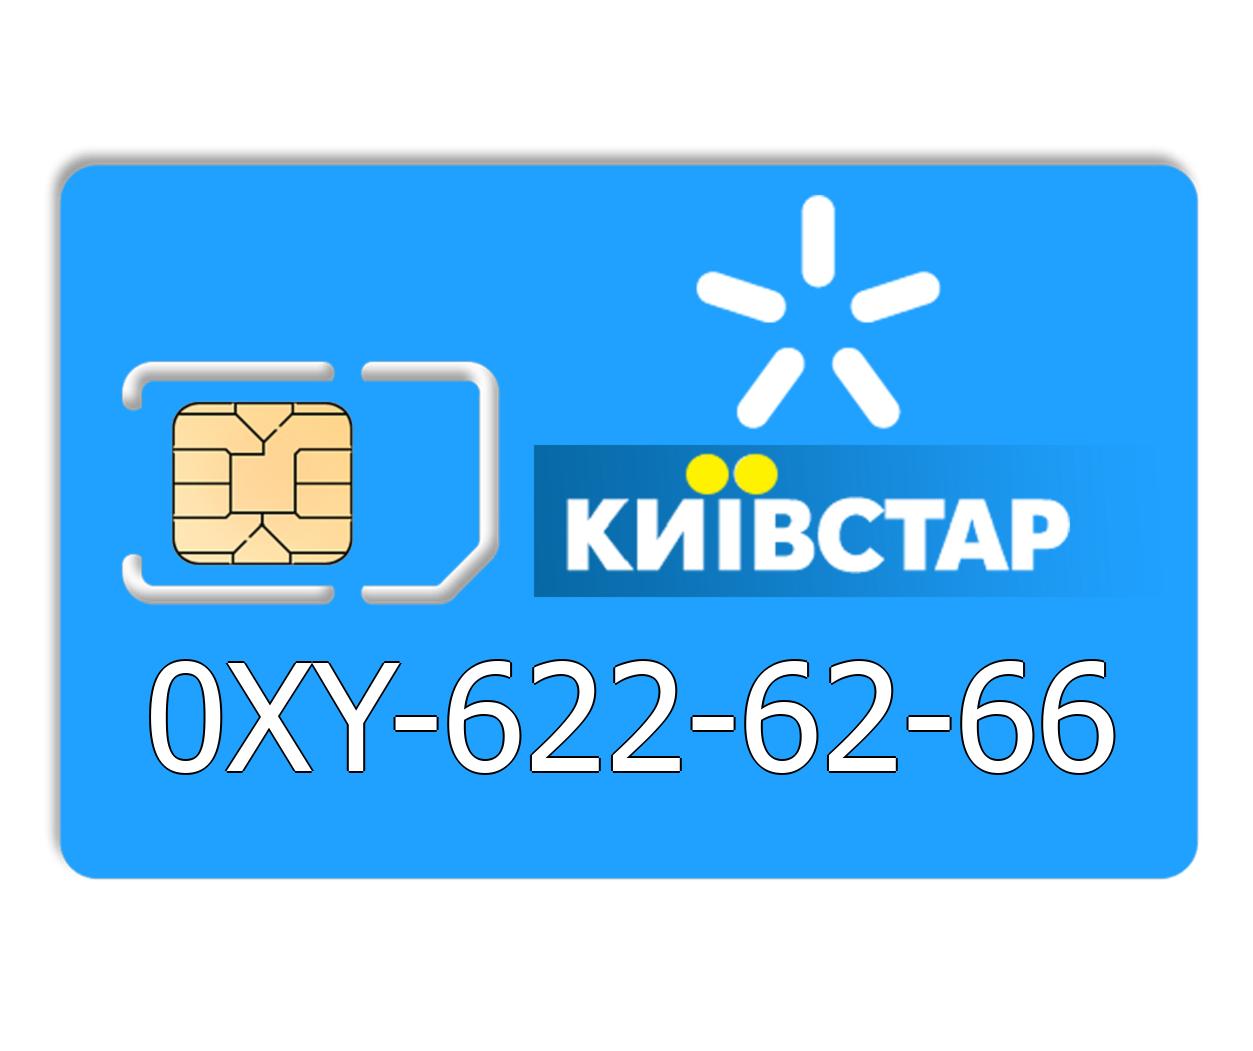 Красивый номер Киевстар 0XY-622-62-66